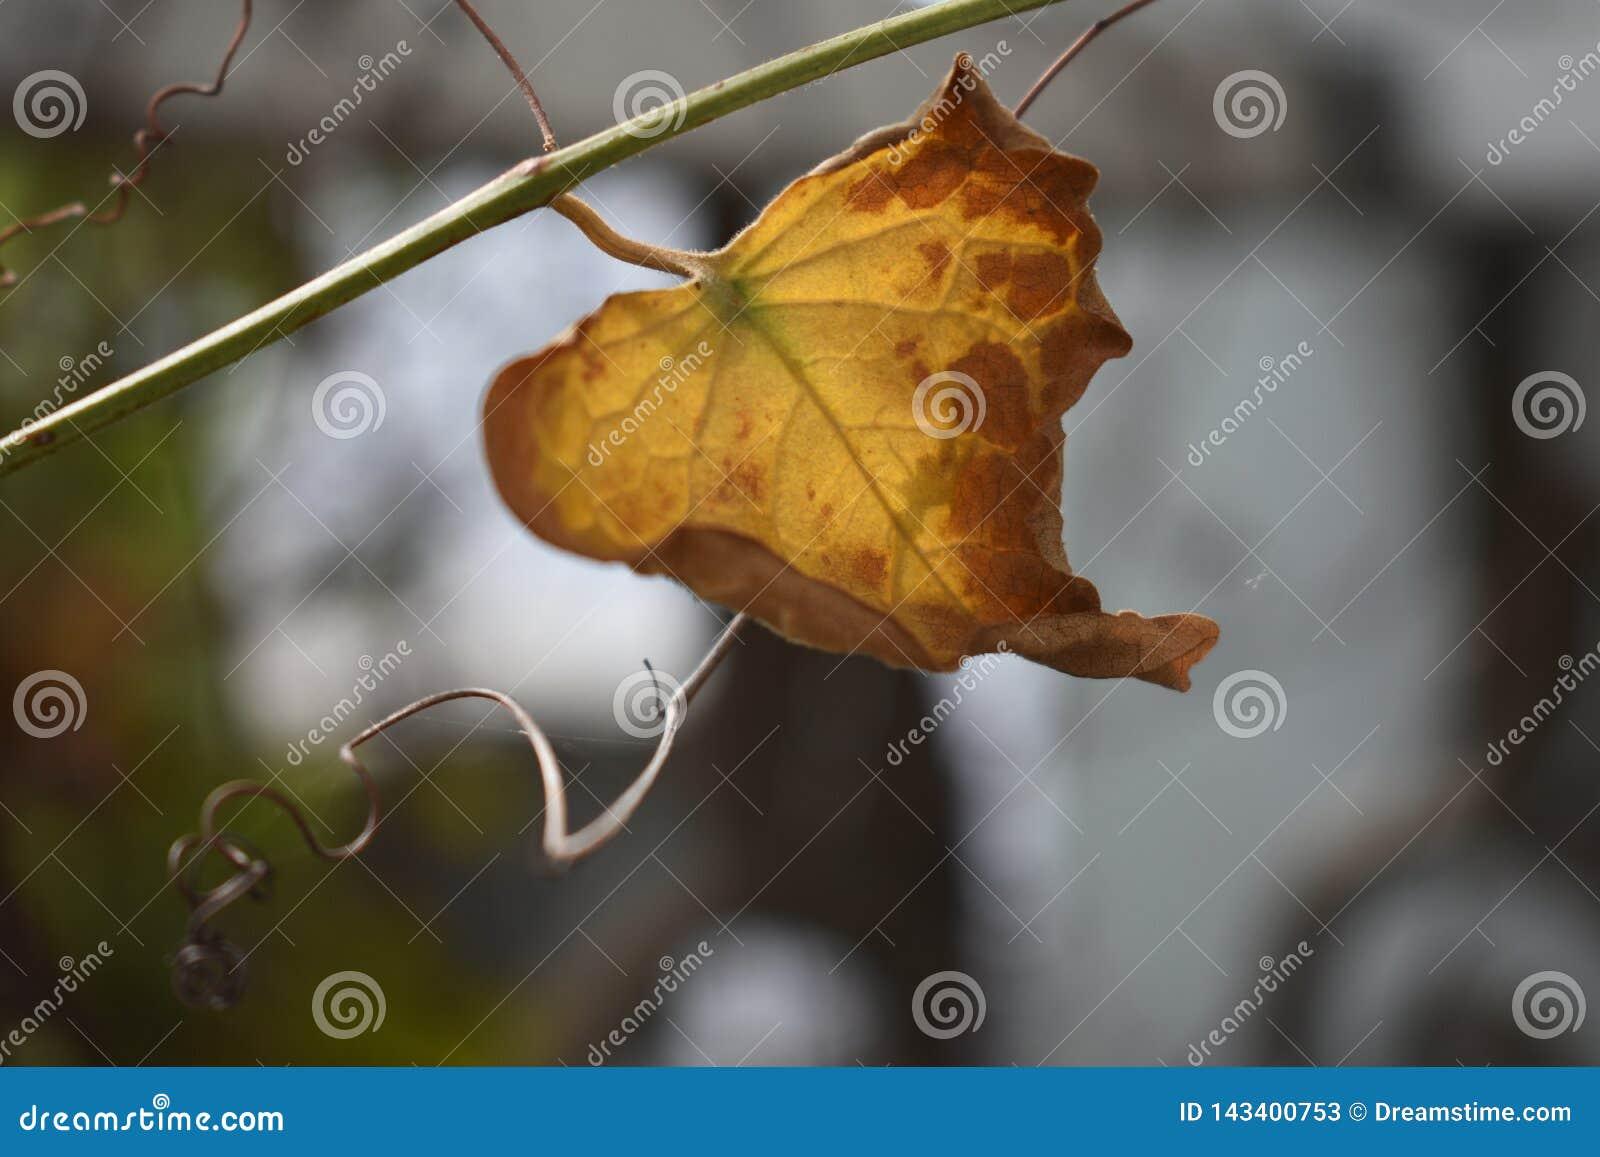 La dernière feuille sur une branche